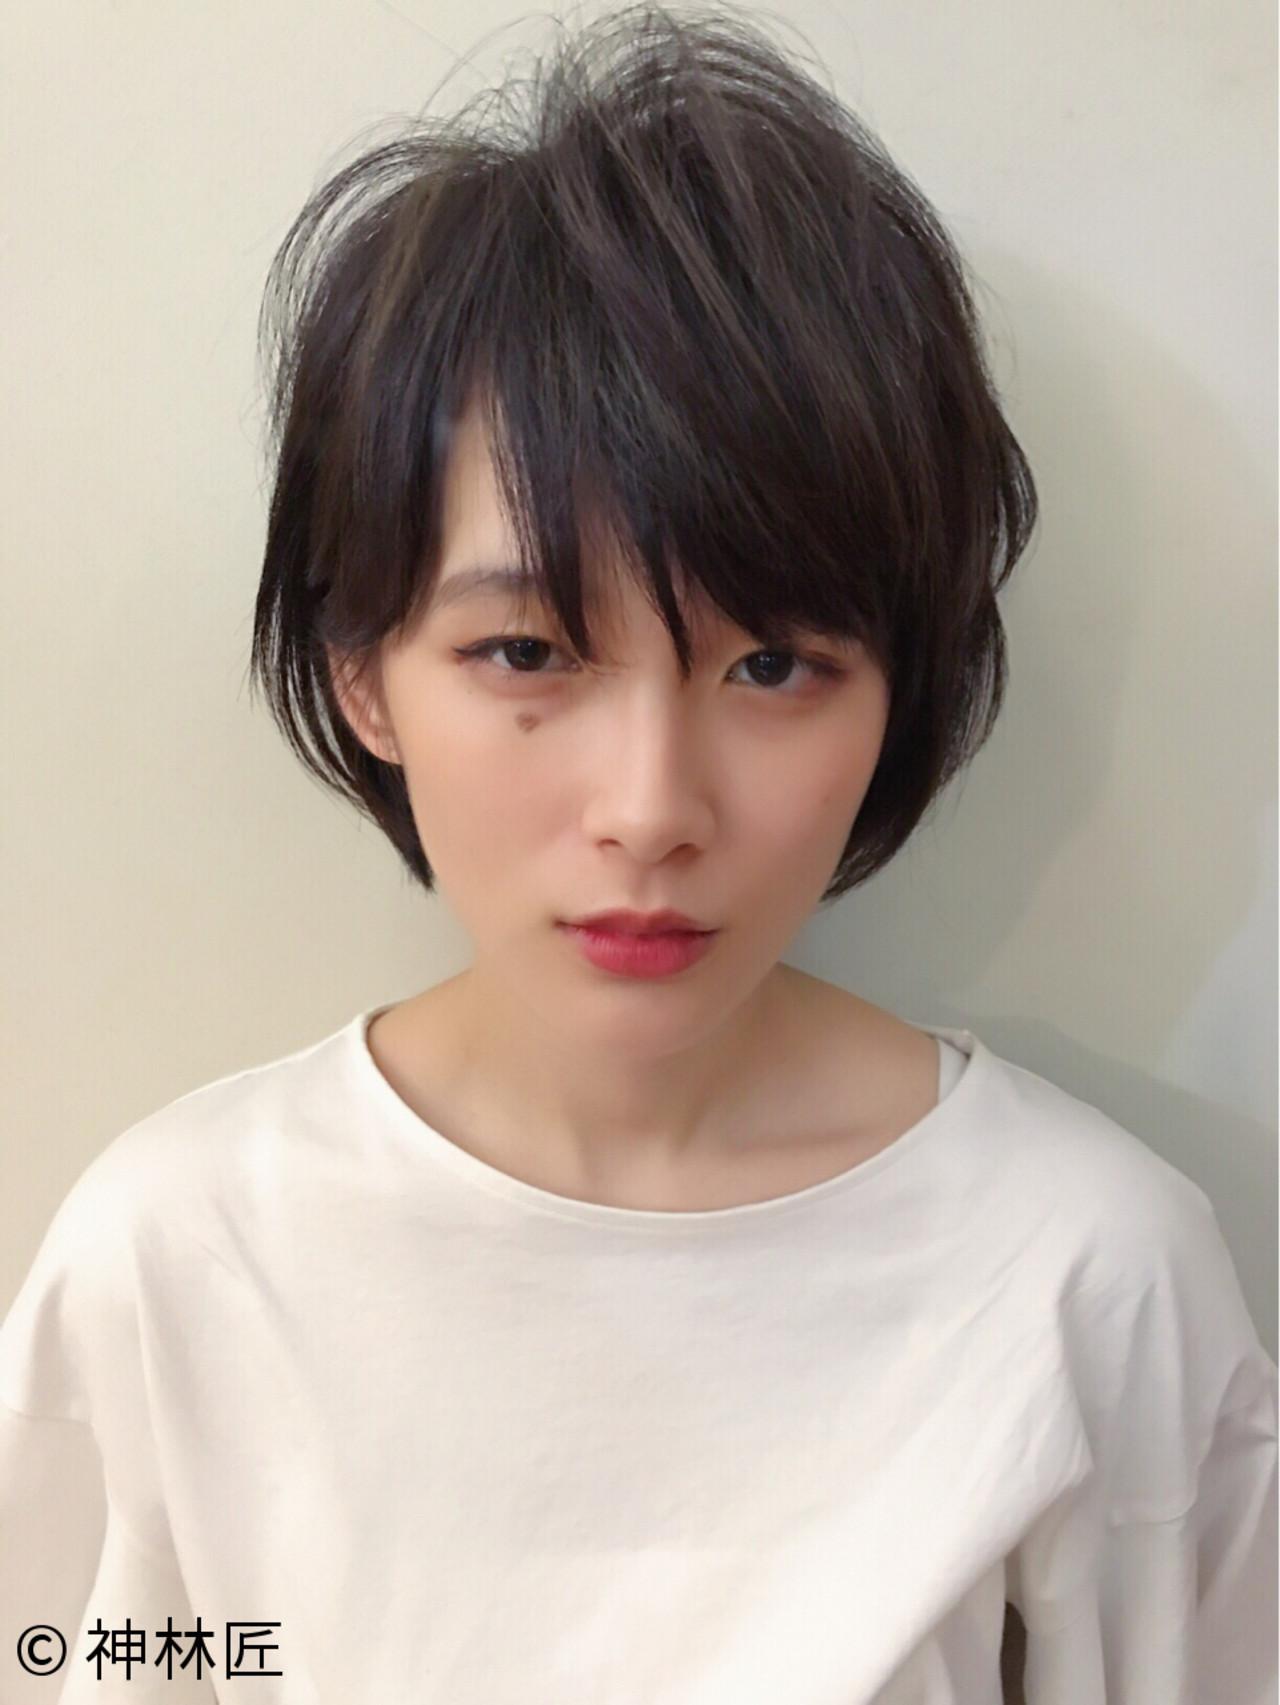 黒髪 小顔 ショート 前髪あり ヘアスタイルや髪型の写真・画像 | 神林匠 / 髪庵 ゆかし (かみあん ゆかし)